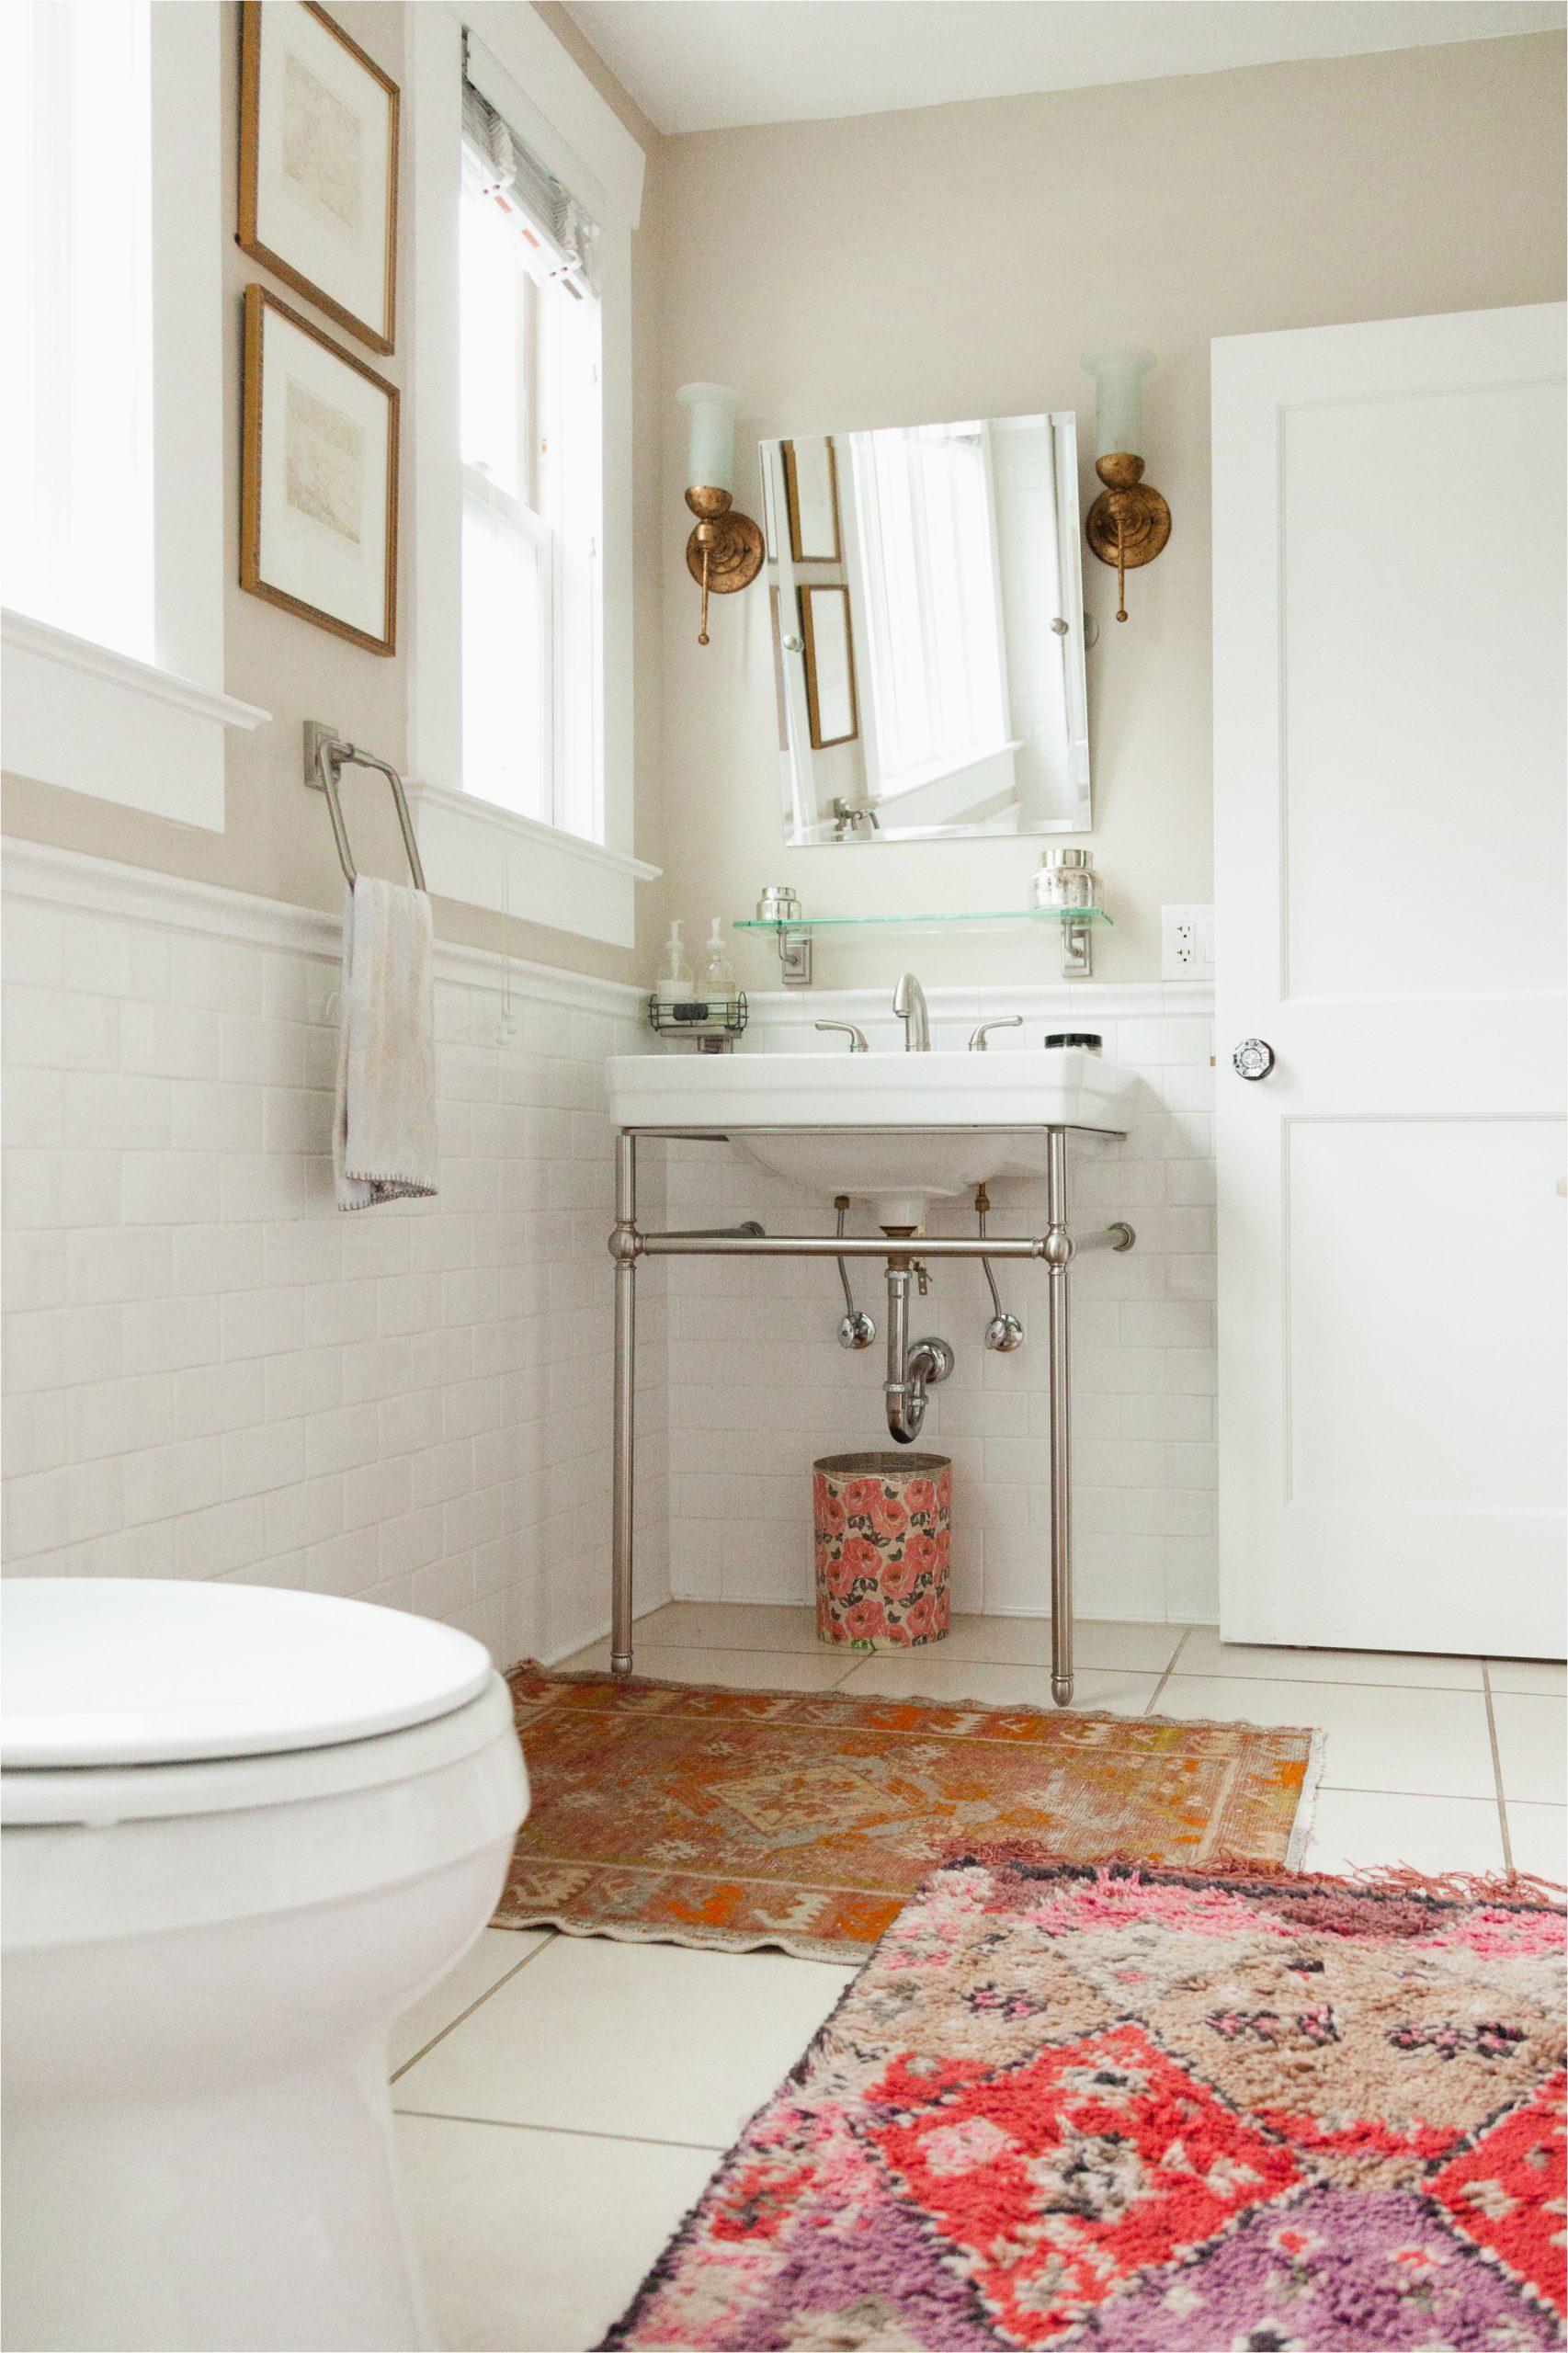 Mid Century Modern Bath Rug Look We Love Using Real Rugs In the Bathroom